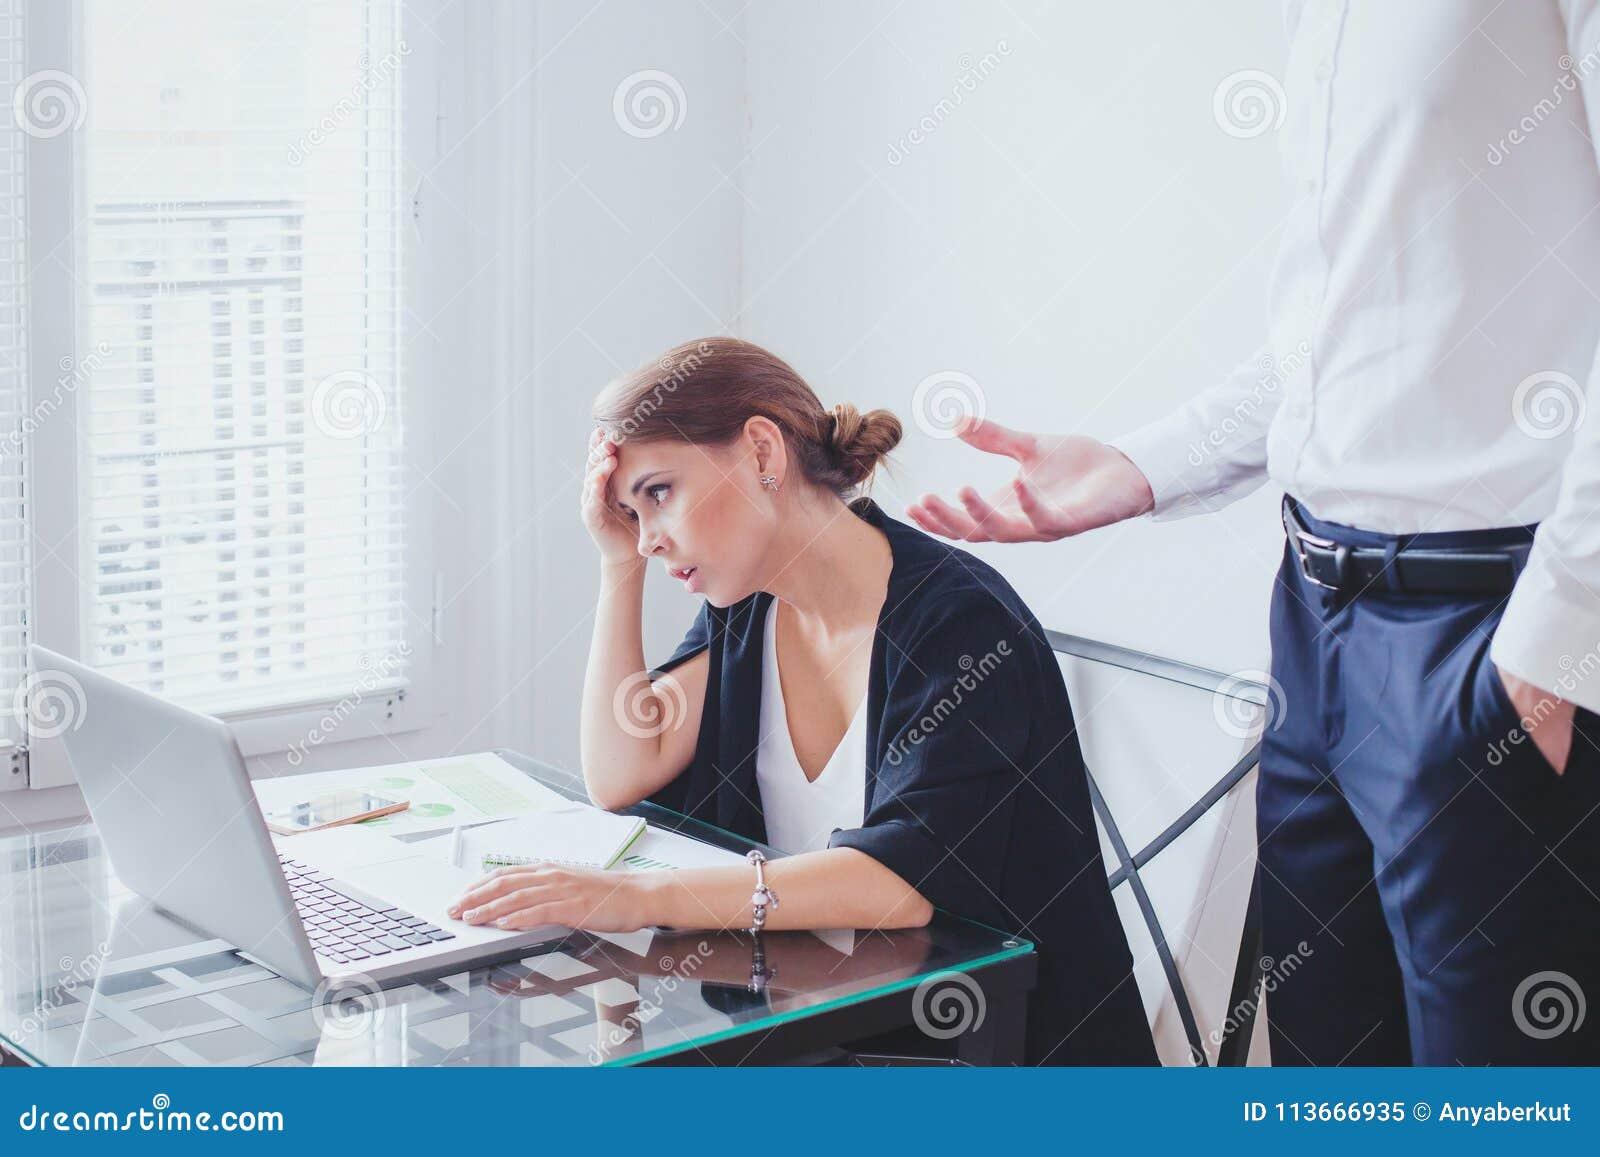 Spanning op het werk, emotionele druk, boze chef- en vermoeide ongelukkige werknemer